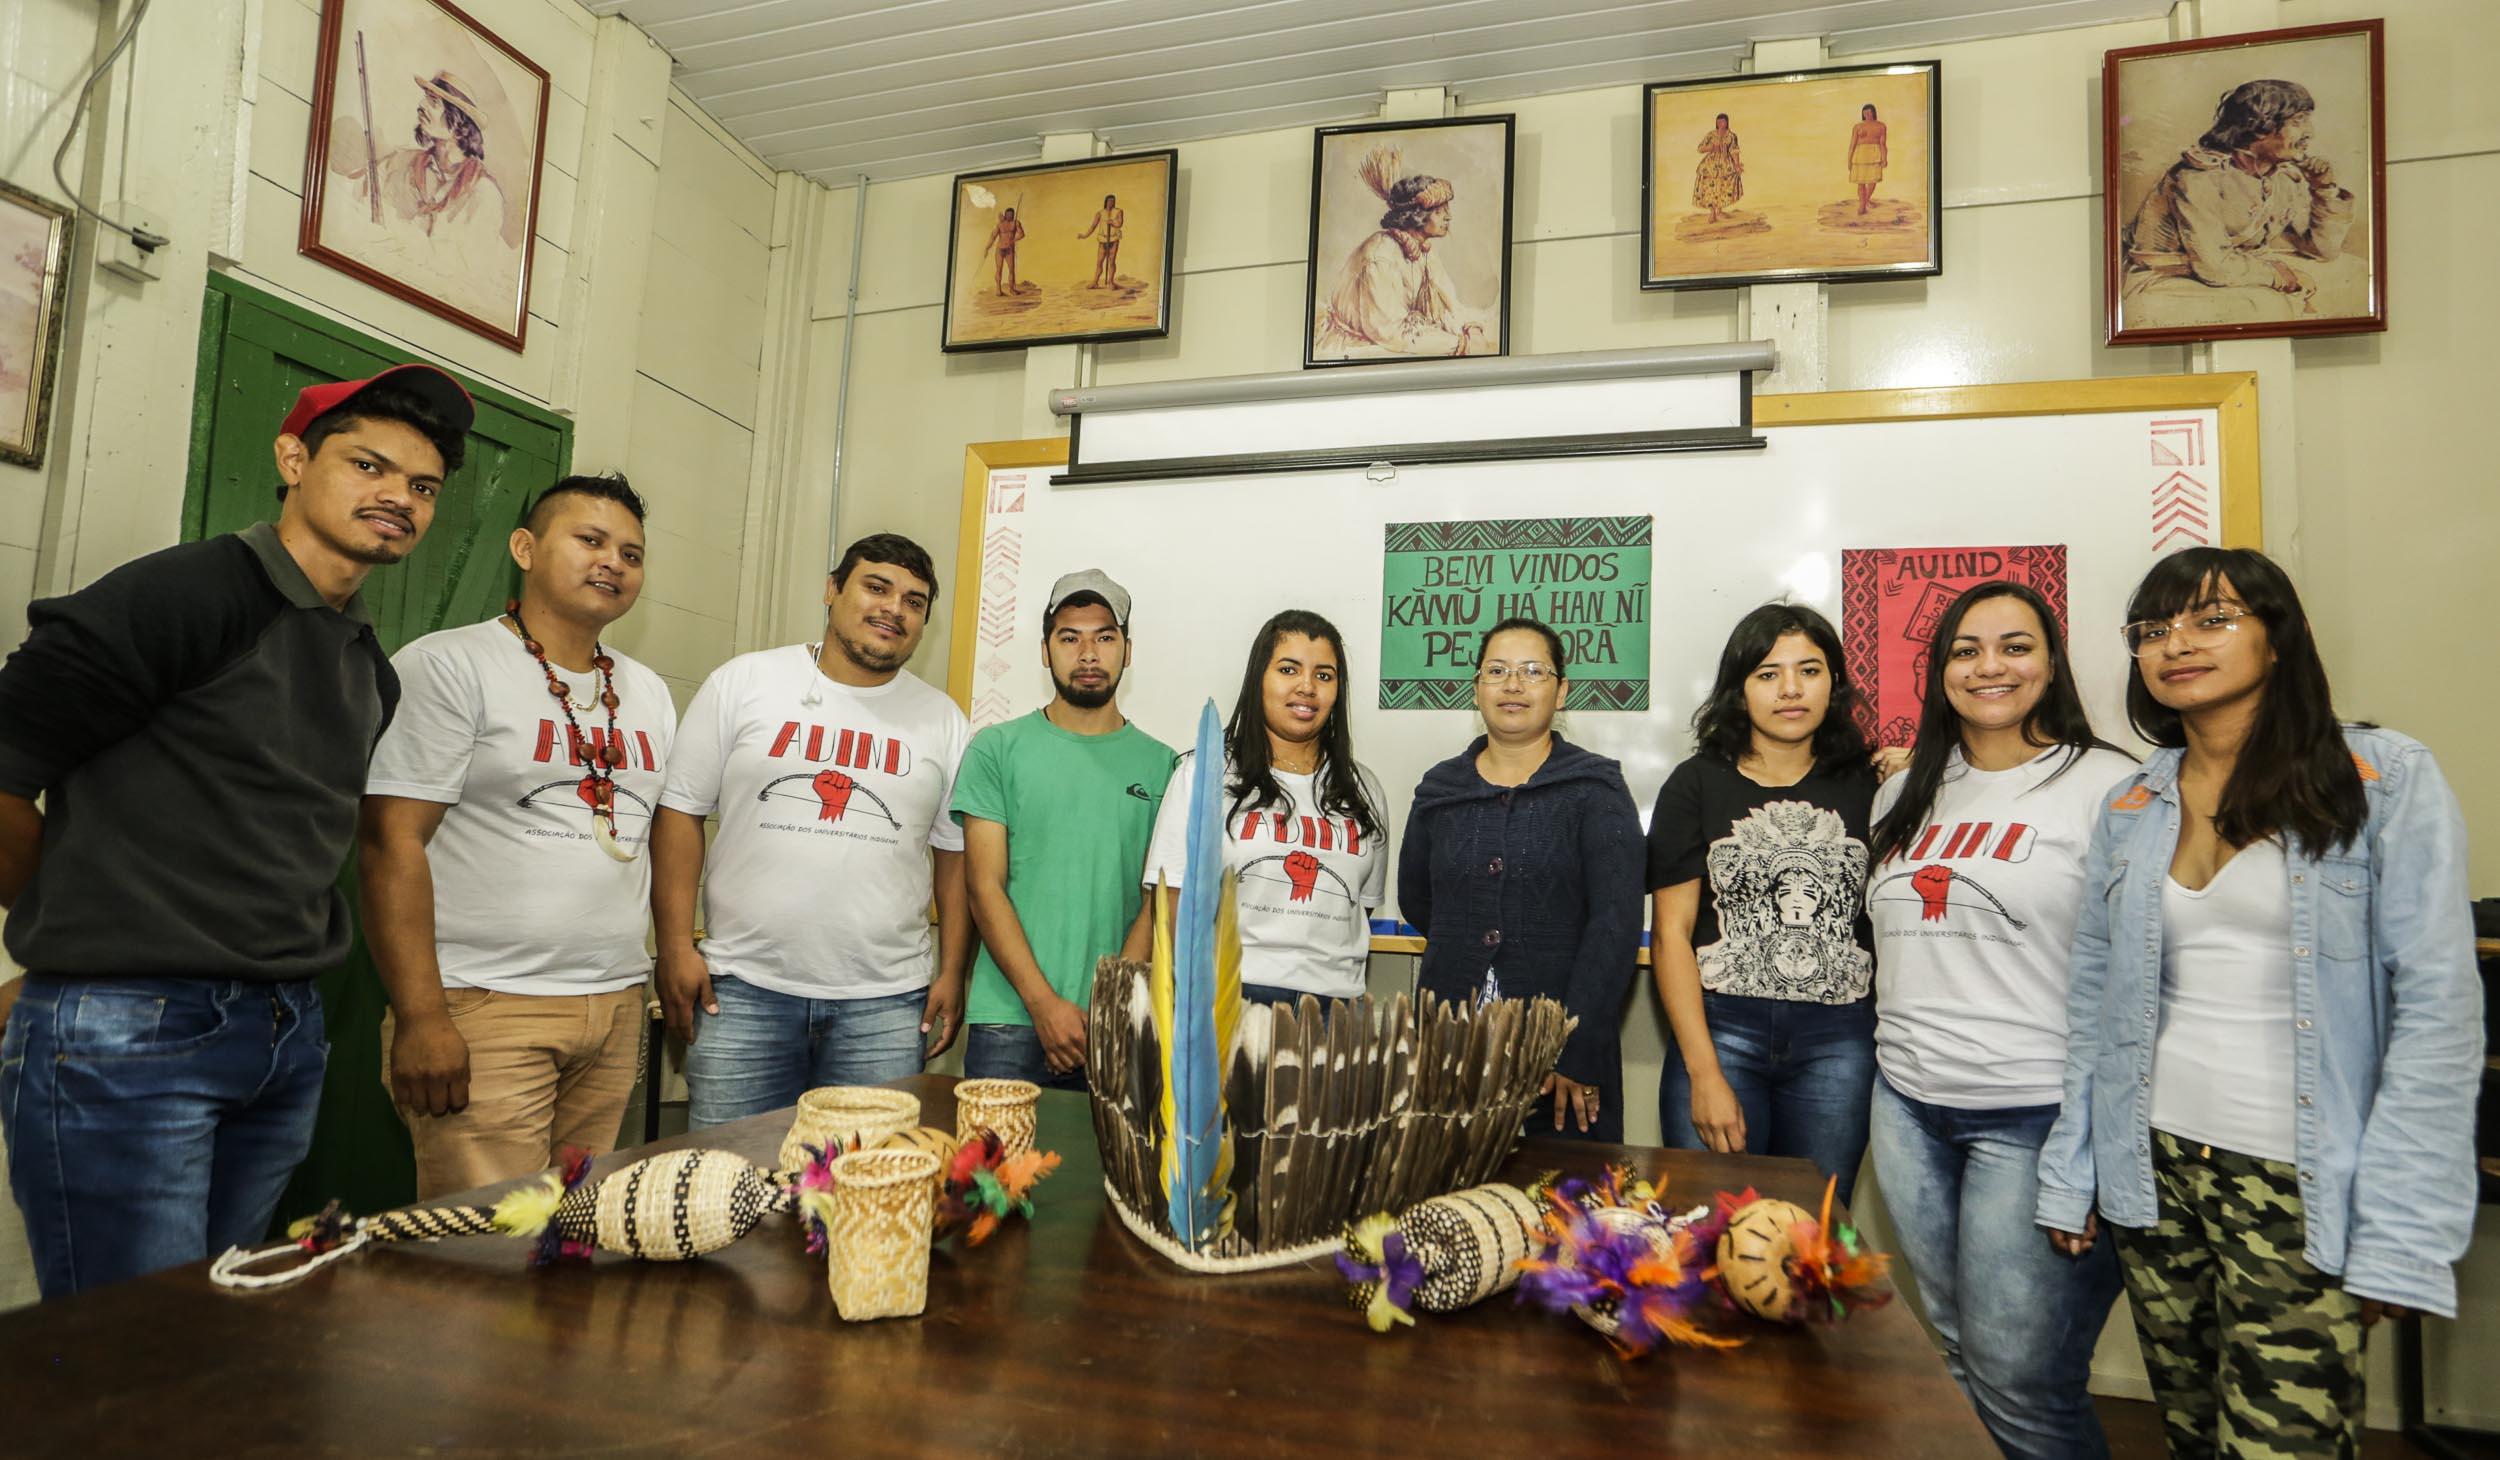 Indígenas veem 19 de Abril como data para lembrar resistência